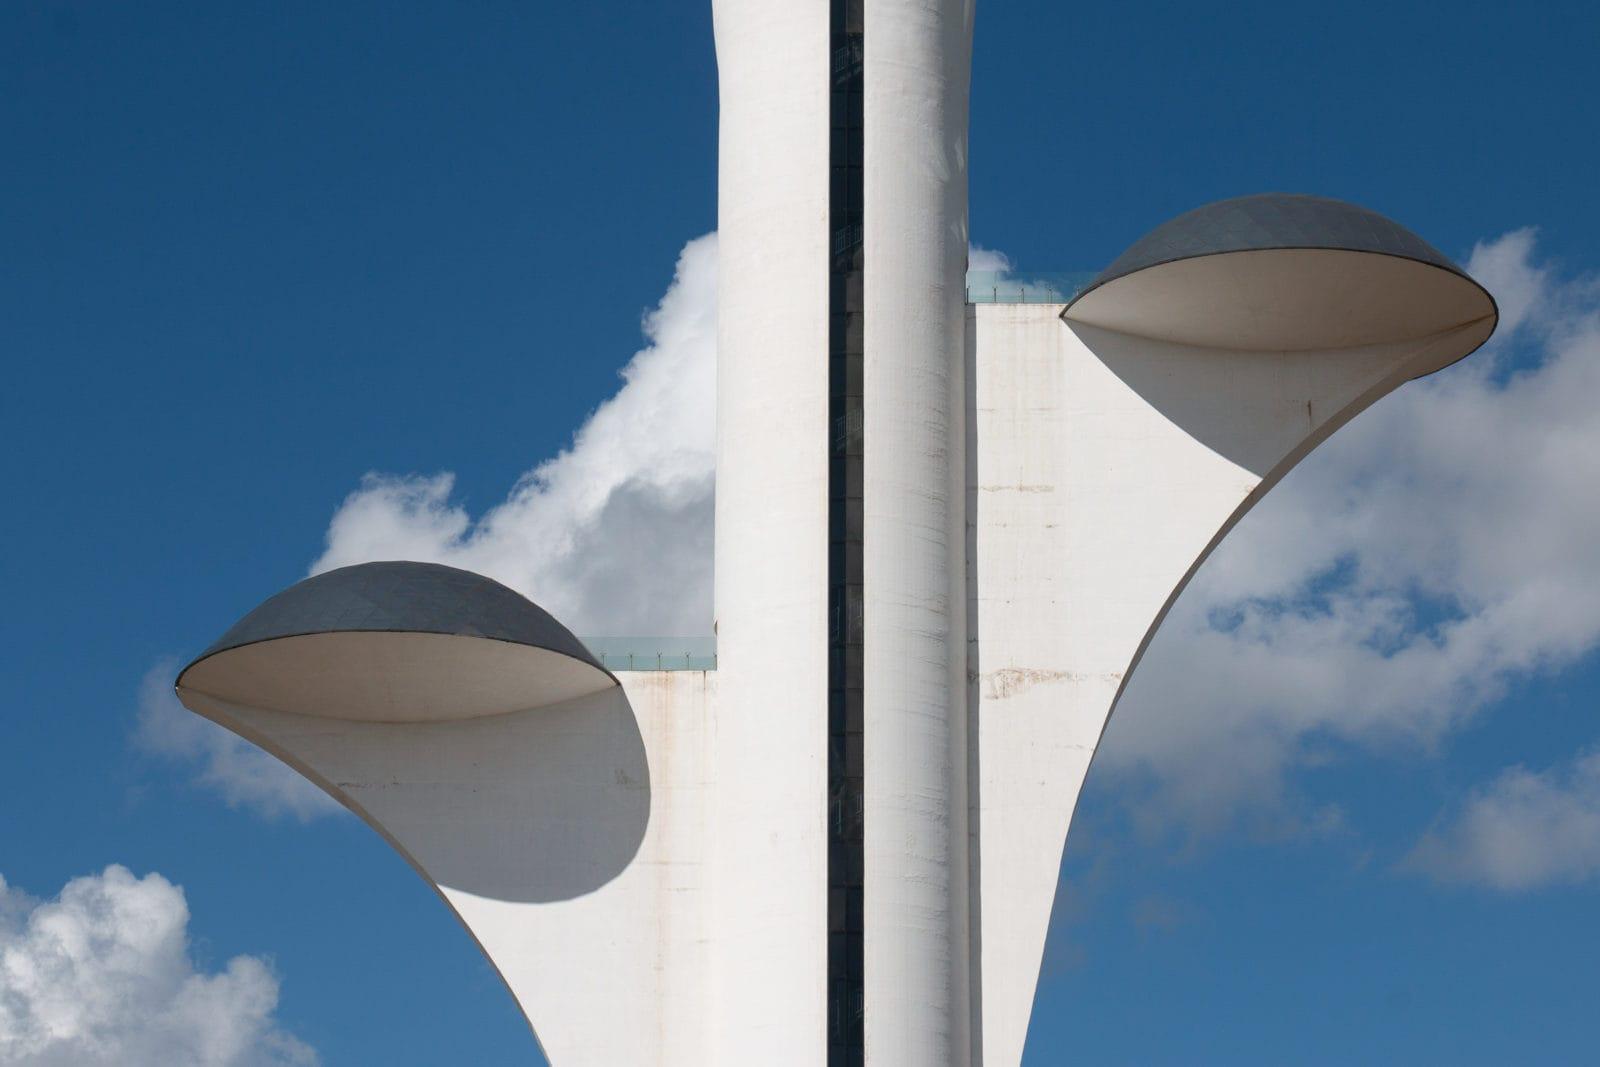 Torre Digital Brasilia Sehenswürdigkeiten Öffnungszeiten